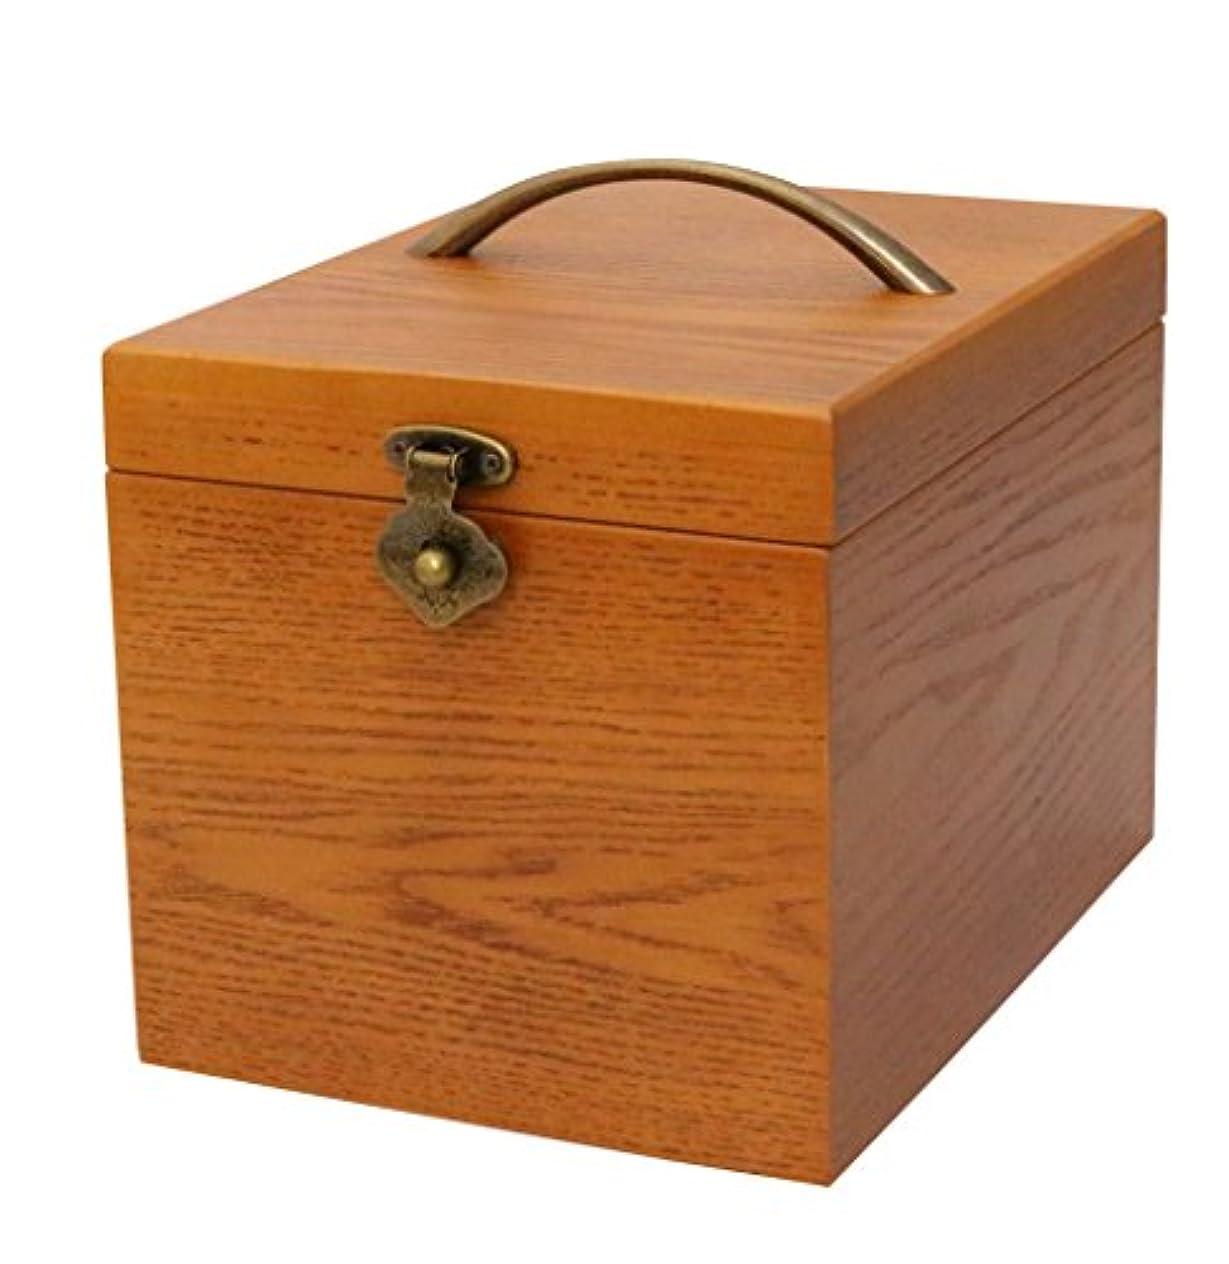 寄託誇大妄想反毒クレエ 木製 メイクボックス 鏡付き化粧品箱 ブラウン 90900044 18×24×17.5